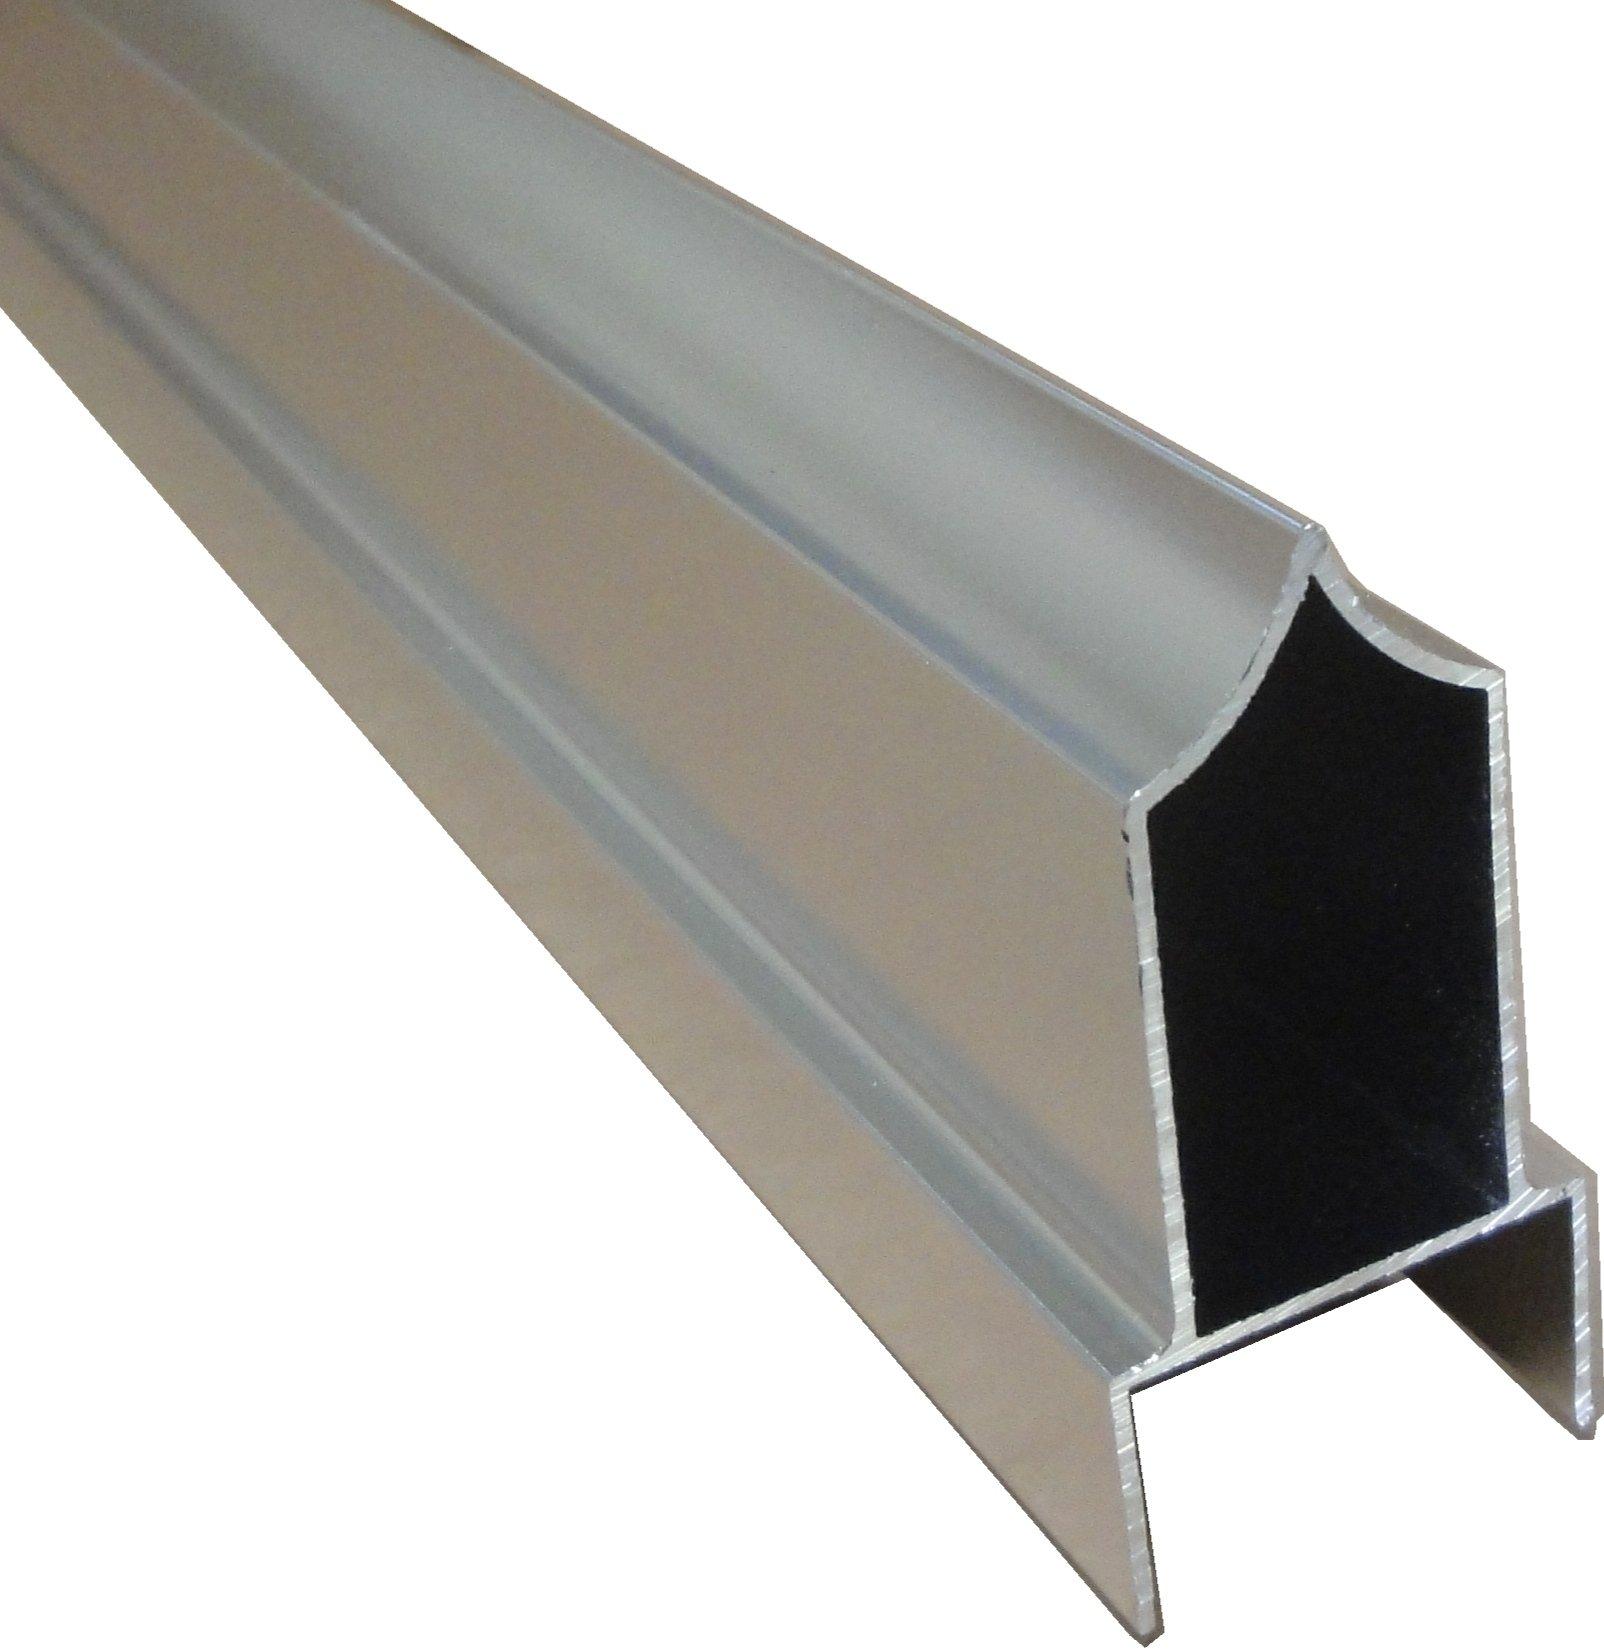 Sanymetal 13352 Anti-grip Headrail, 48''